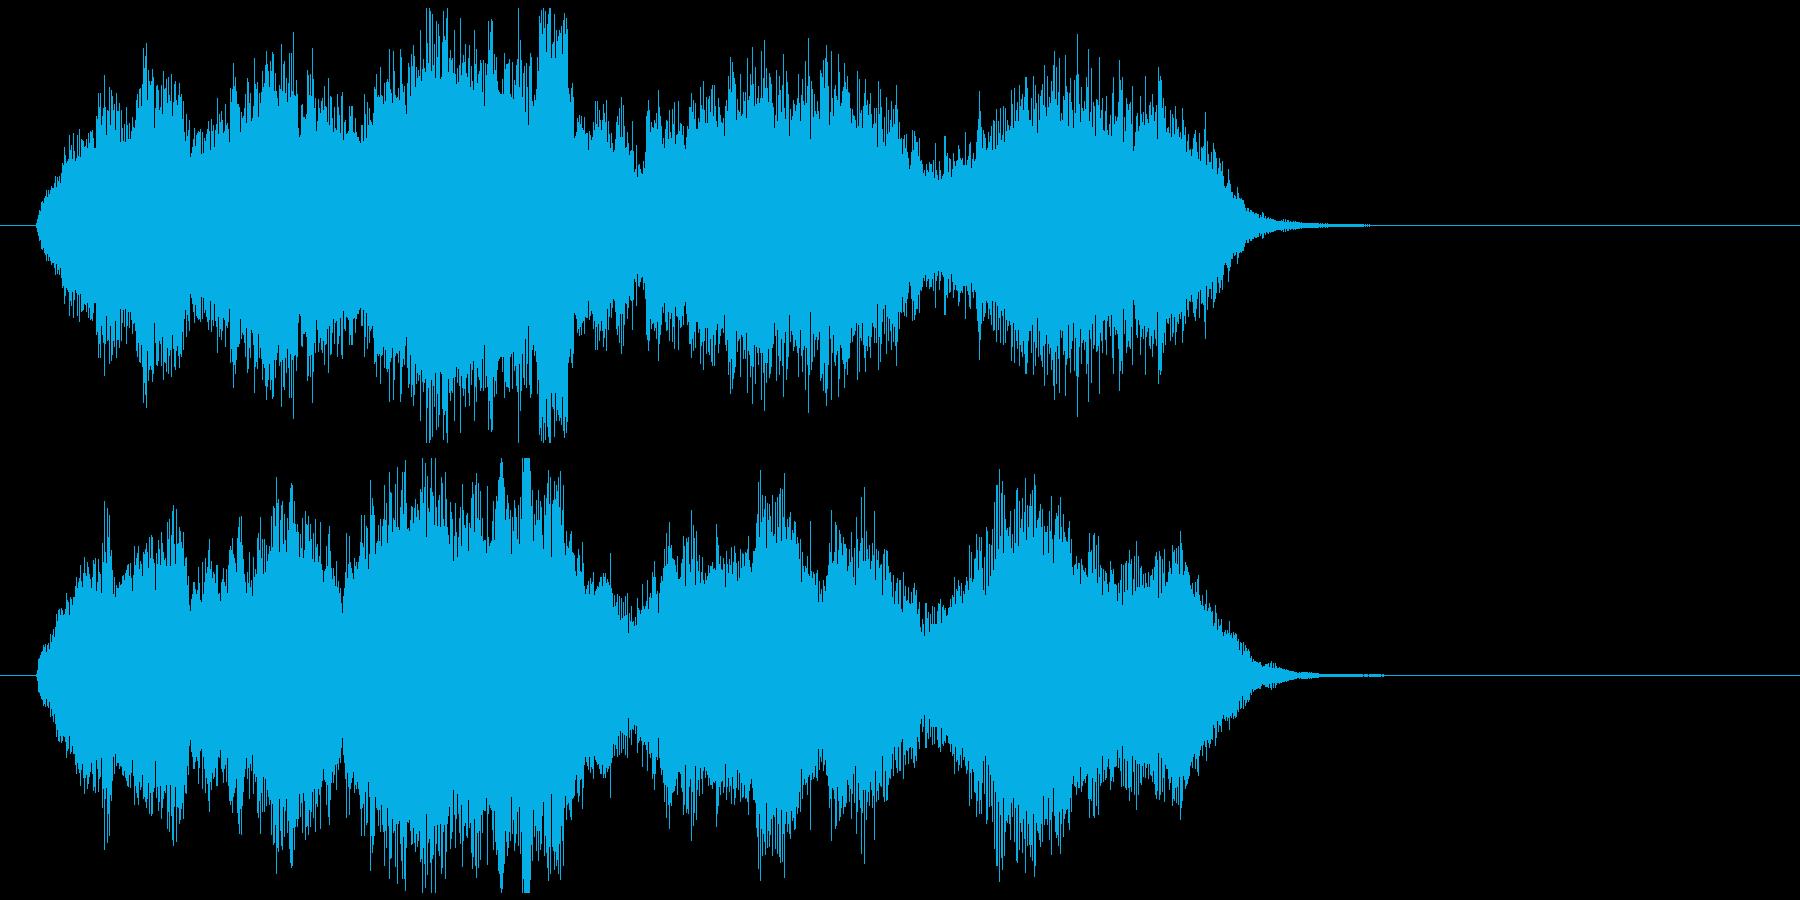 切なくて感動系のオーケストラジングルの再生済みの波形